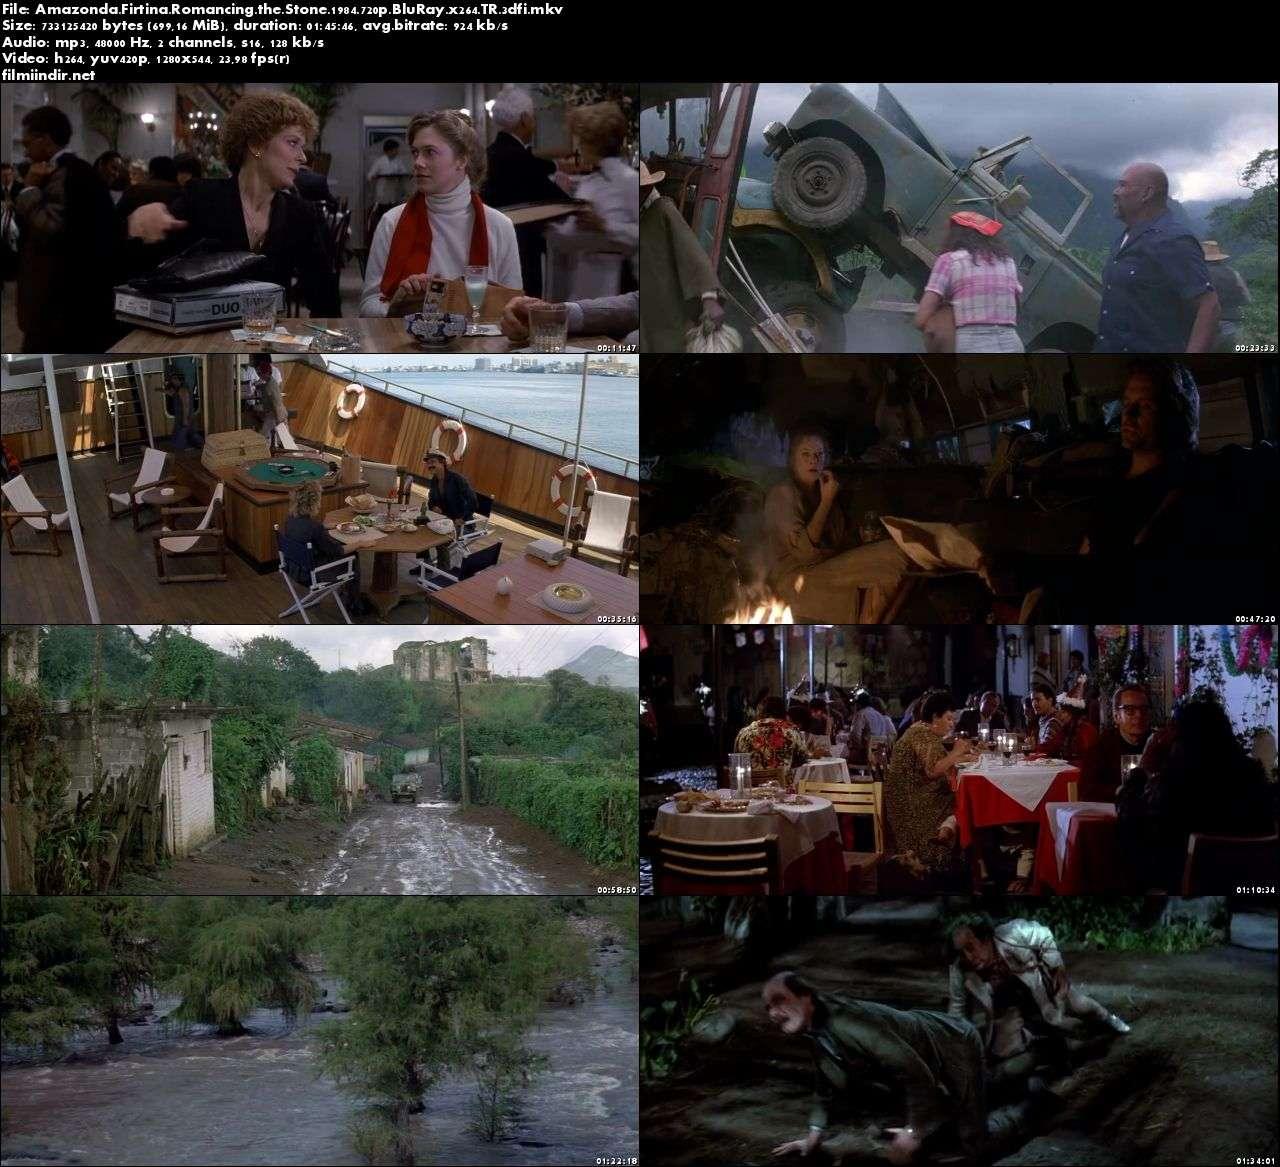 Amazon'da Fırtına - Romancing the Stone (1984) hd türkçe dublaj film indir